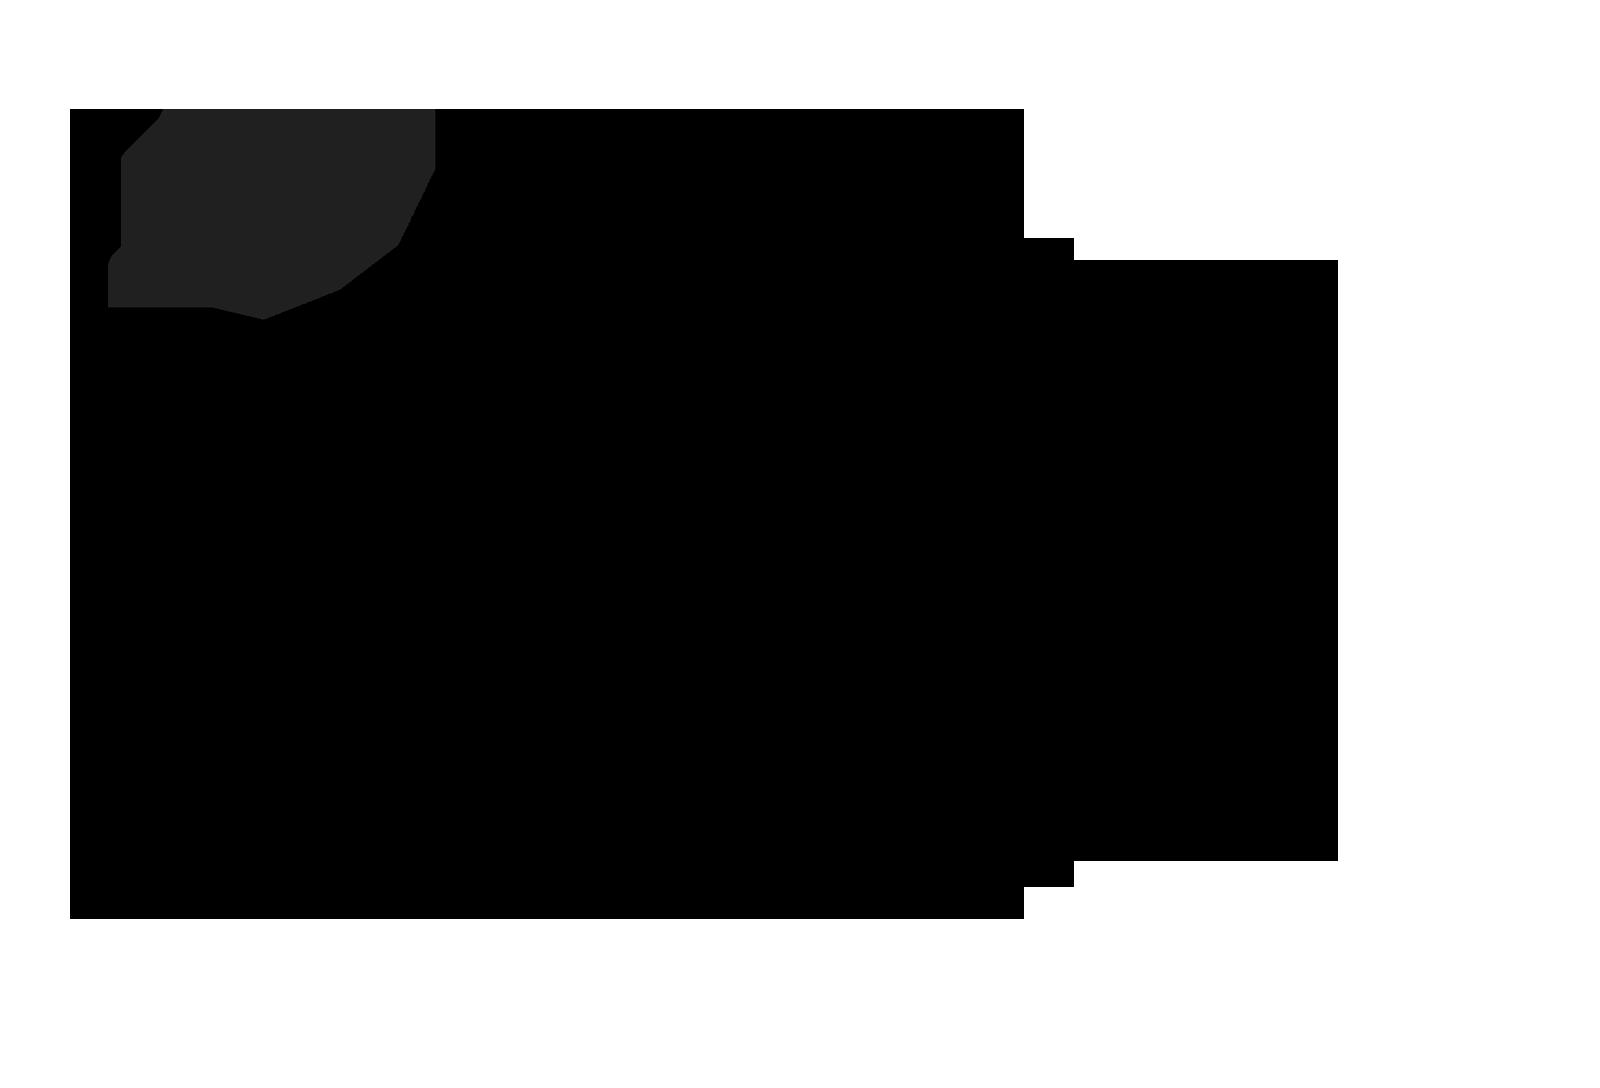 MLC-WOJ-dom-AXO-schematy-01-1600px-copy